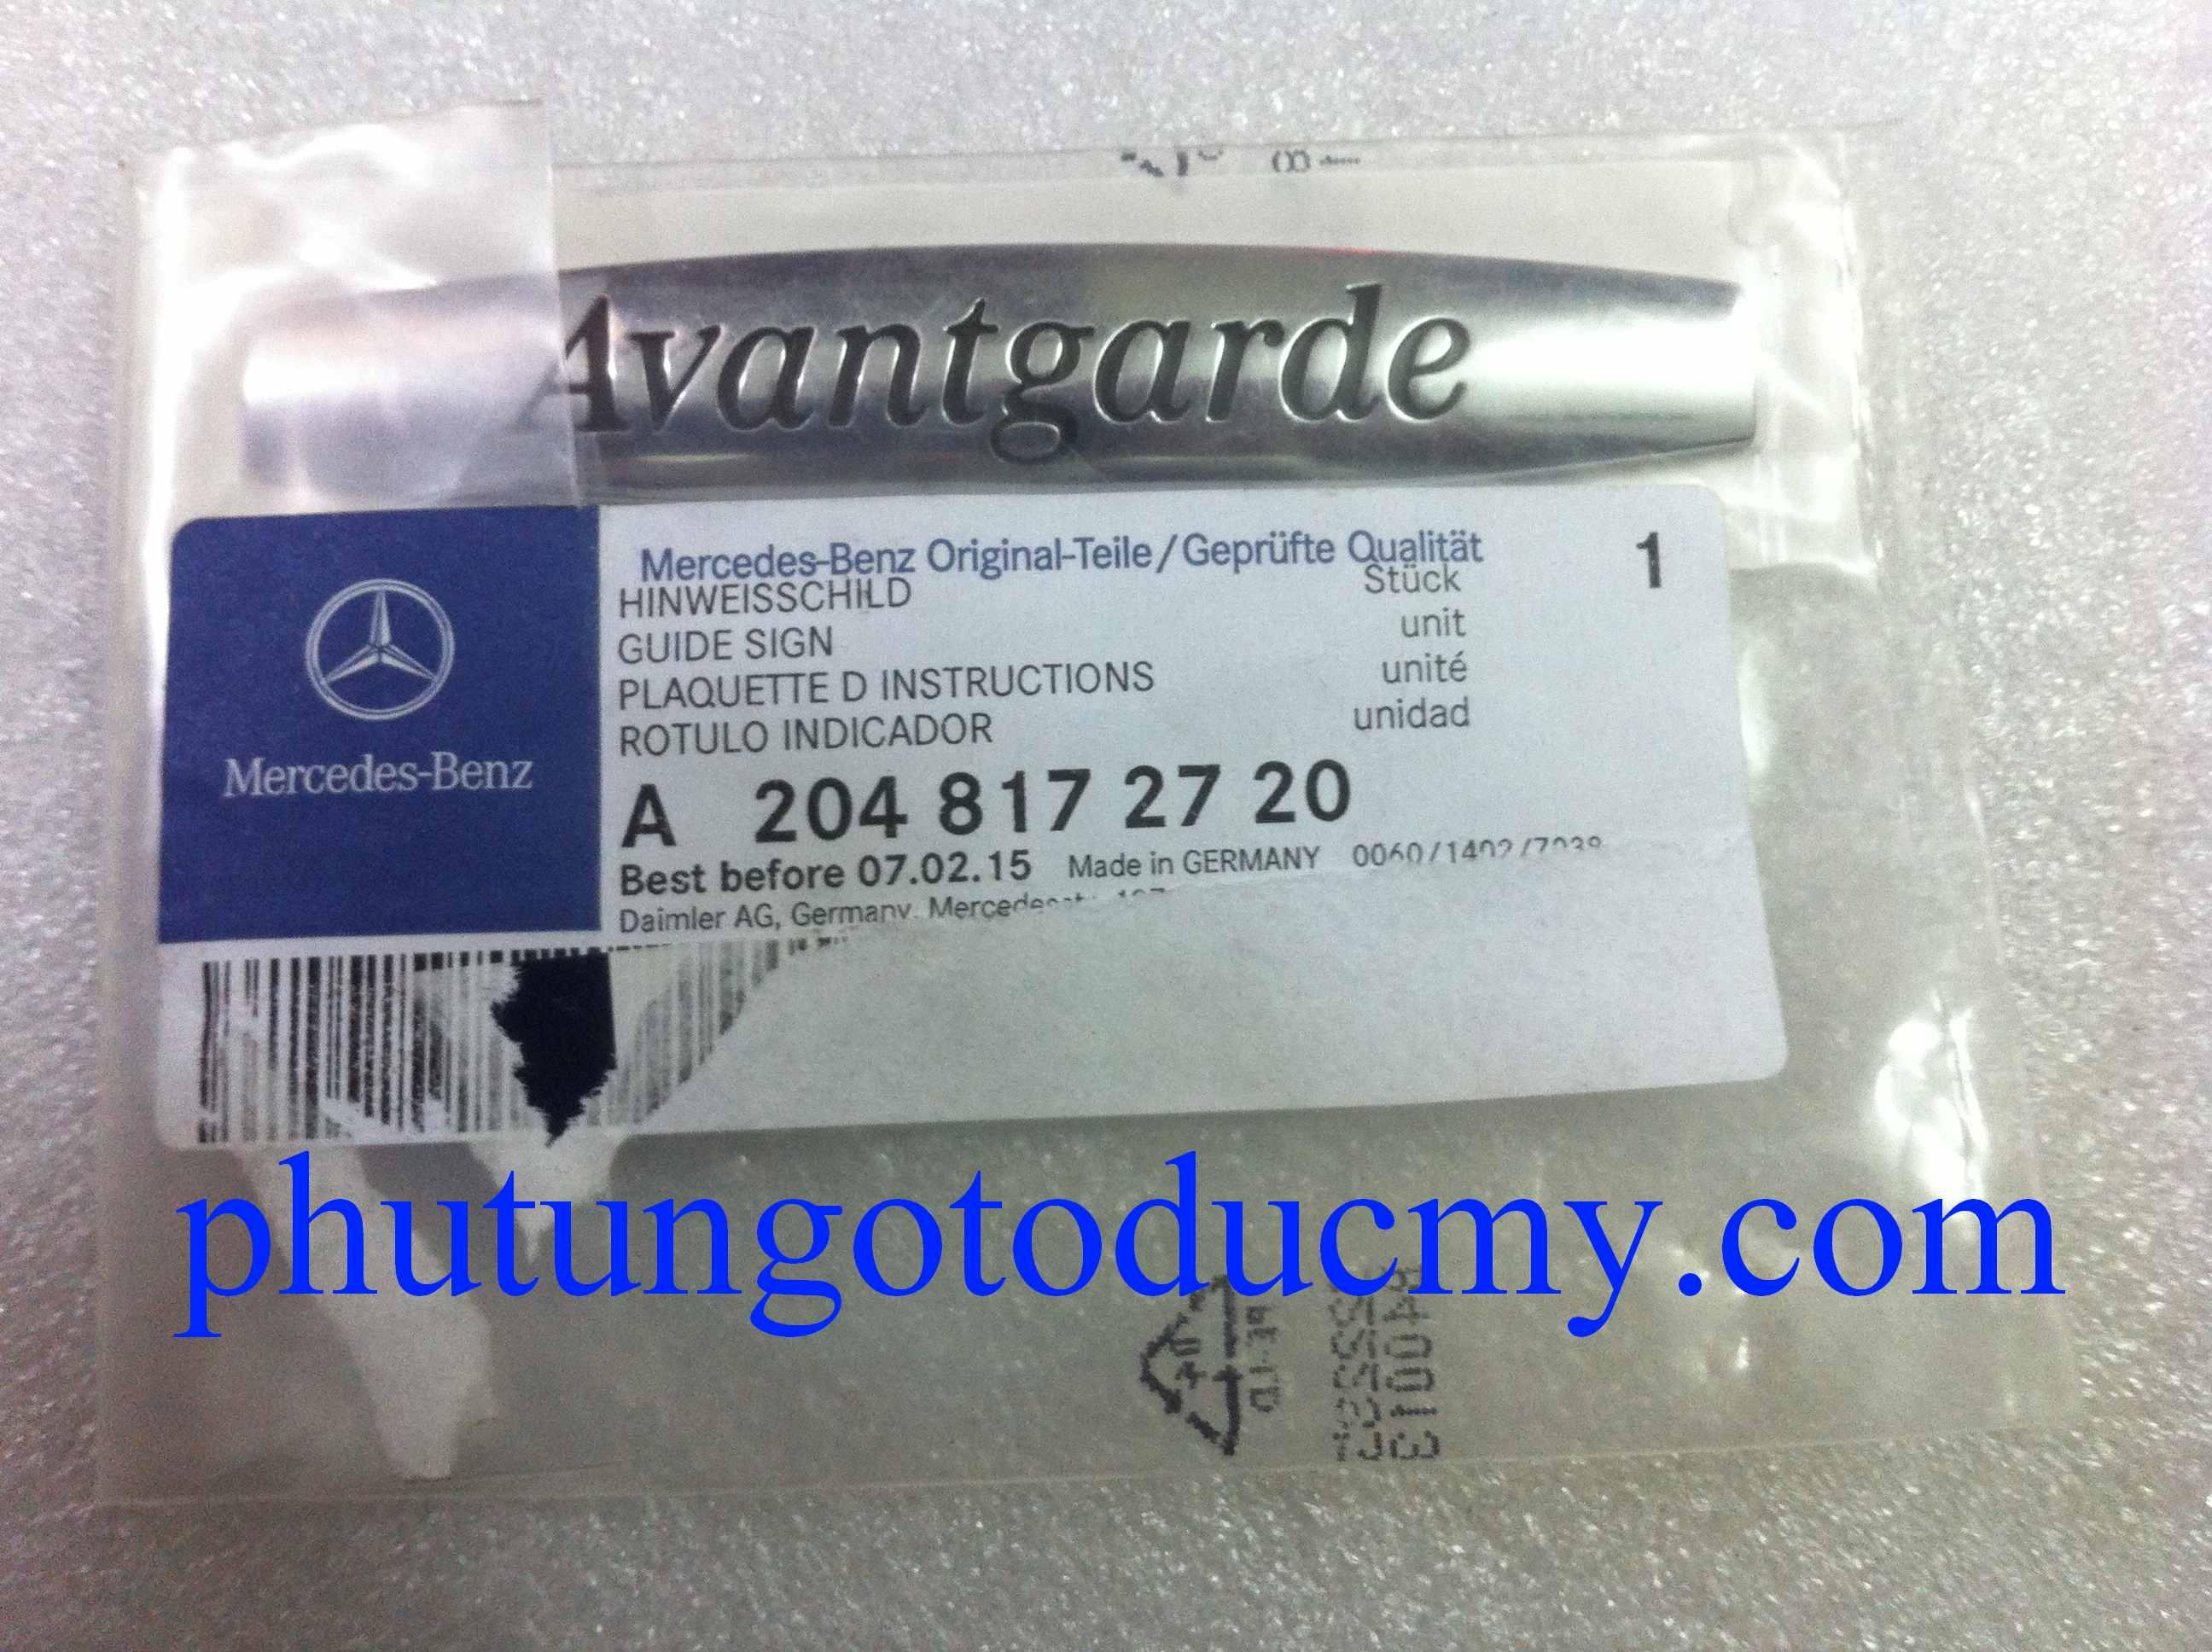 Chữ Avantgarde tai xe Mercedes C class- A2048172720